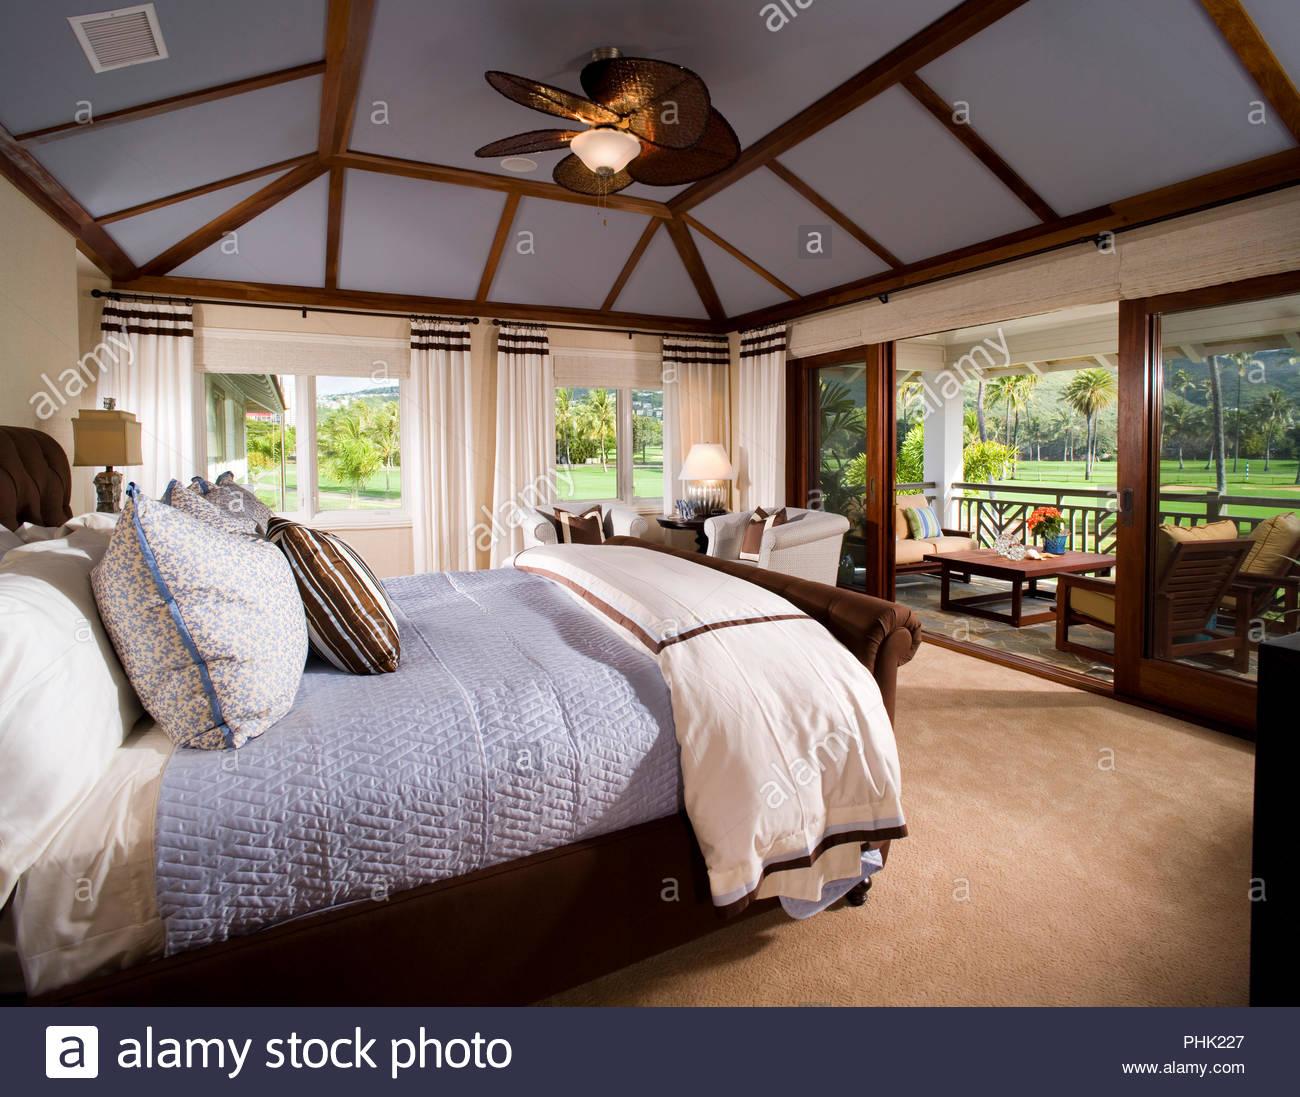 Camera da letto con ventilatore a soffitto Immagini Stock